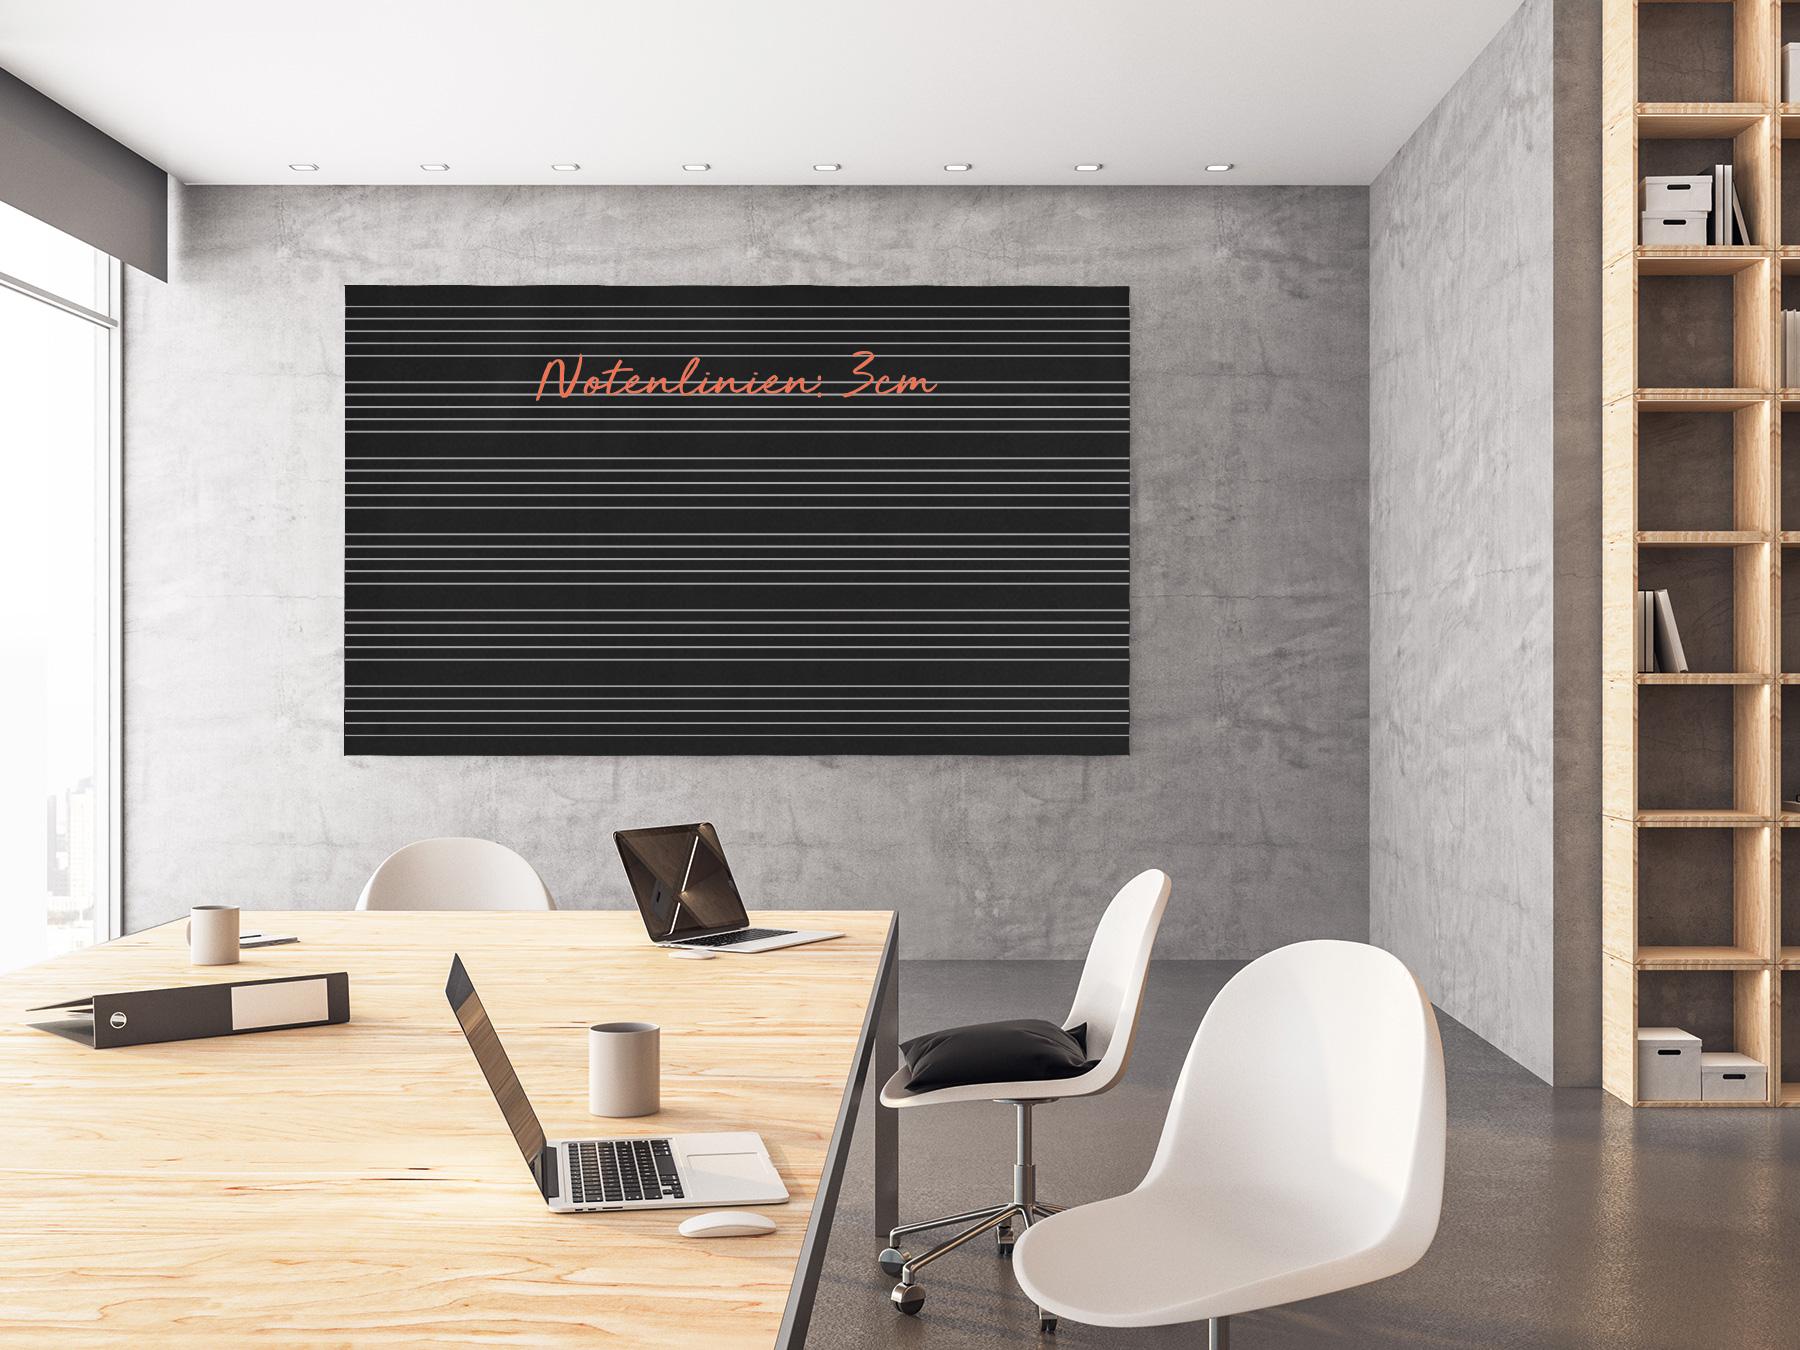 100x100cm   Schreibfolie   Notenlinien   3cm   selbstklebend    Kreide & Kreidestift   schwarz